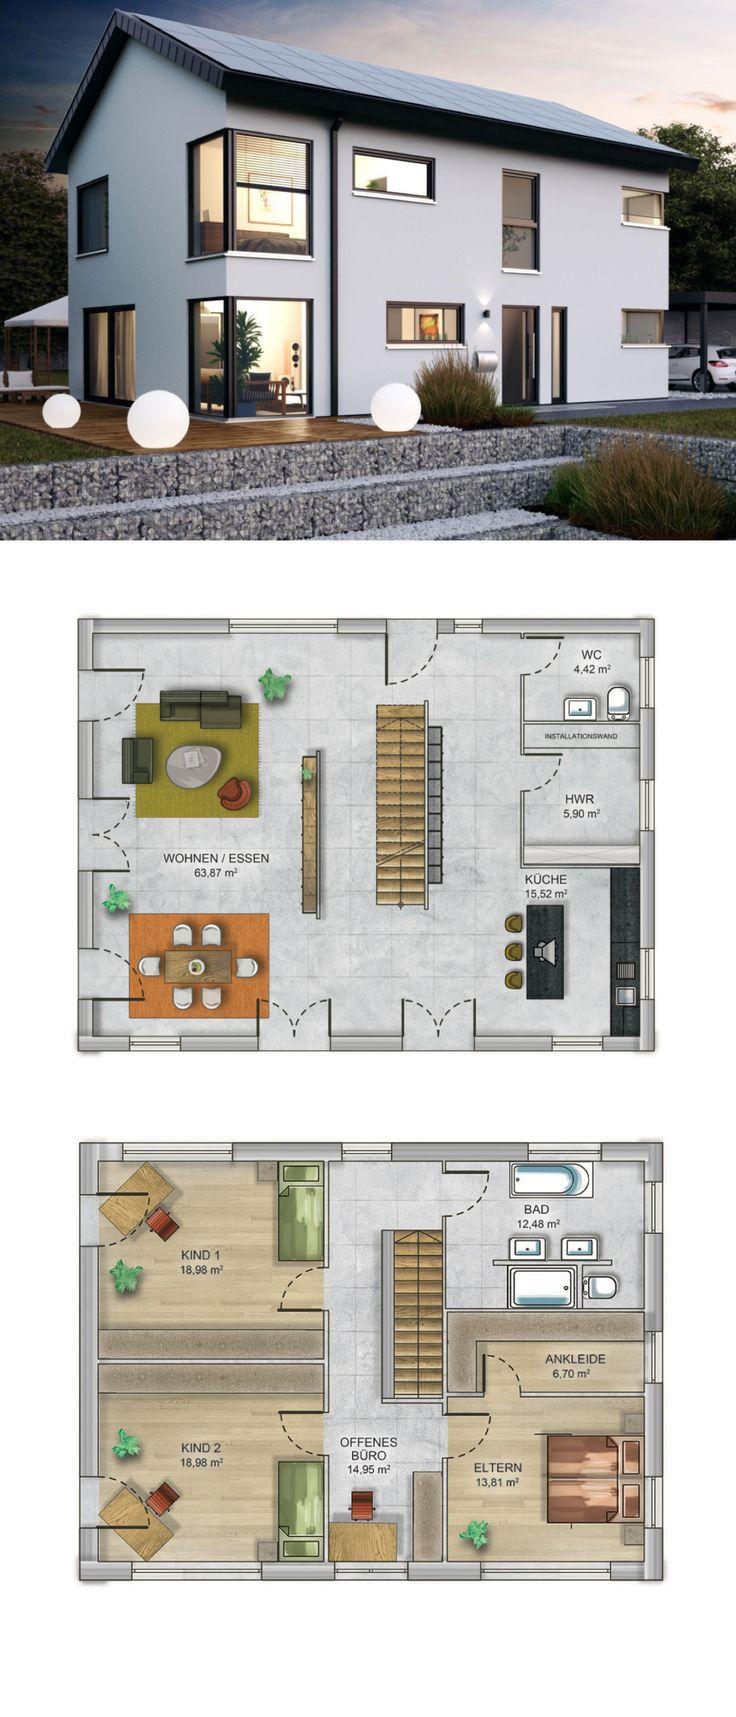 Einfamilienhaus modern mit Satteldach - Fertighaus massiv bauen Grundriss Haus ICON 4 XL Dennert Massivhaus - HausbauDirekt.de